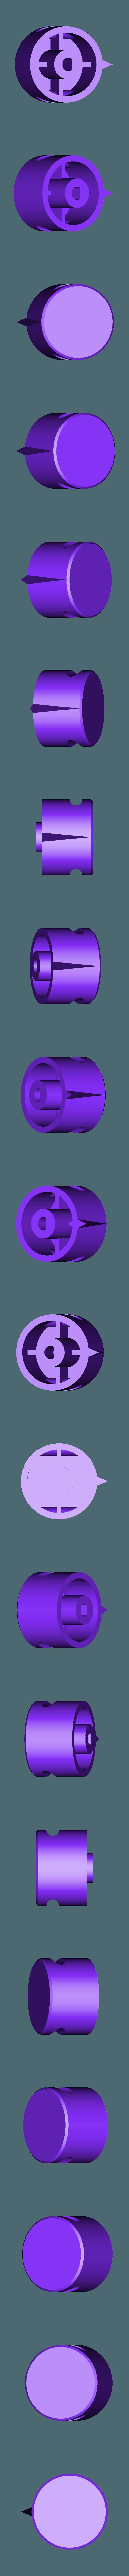 rounded_with_scollops.stl Télécharger fichier SCAD gratuit Bouton de plaque de cuisson • Design pour imprimante 3D, Glutnard